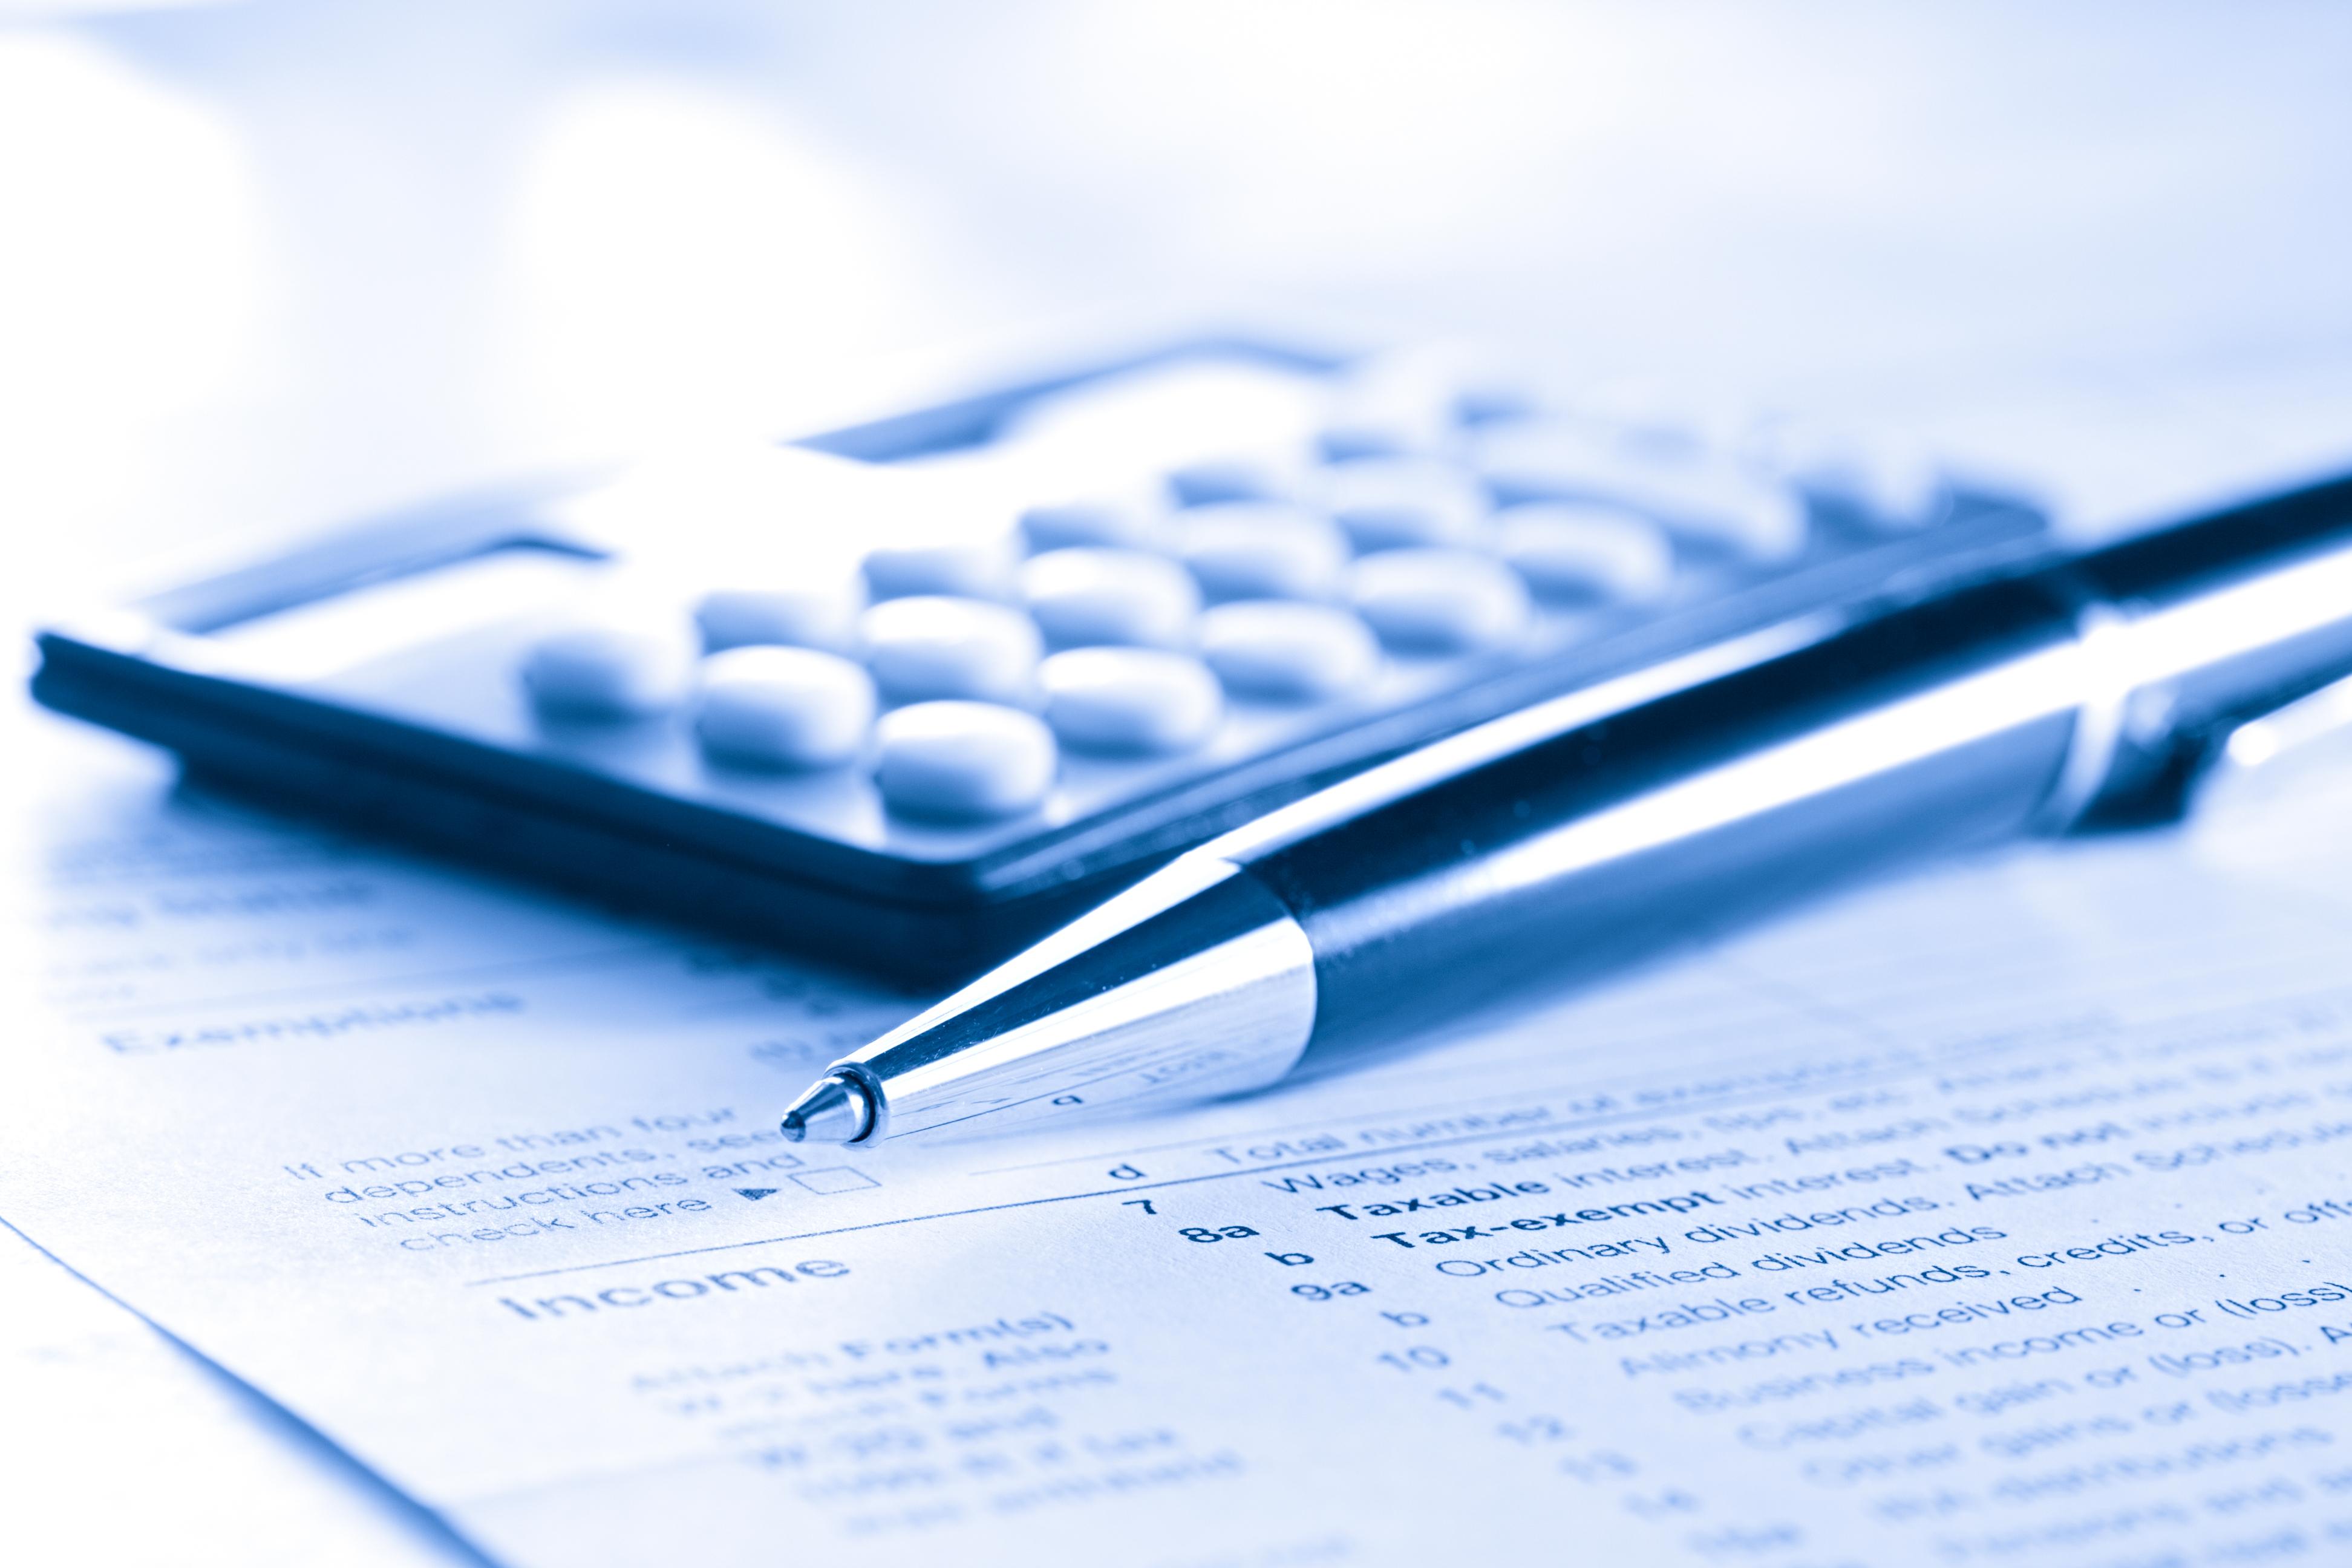 劳务增值税税率是多少?增值税税率的作用是什么?